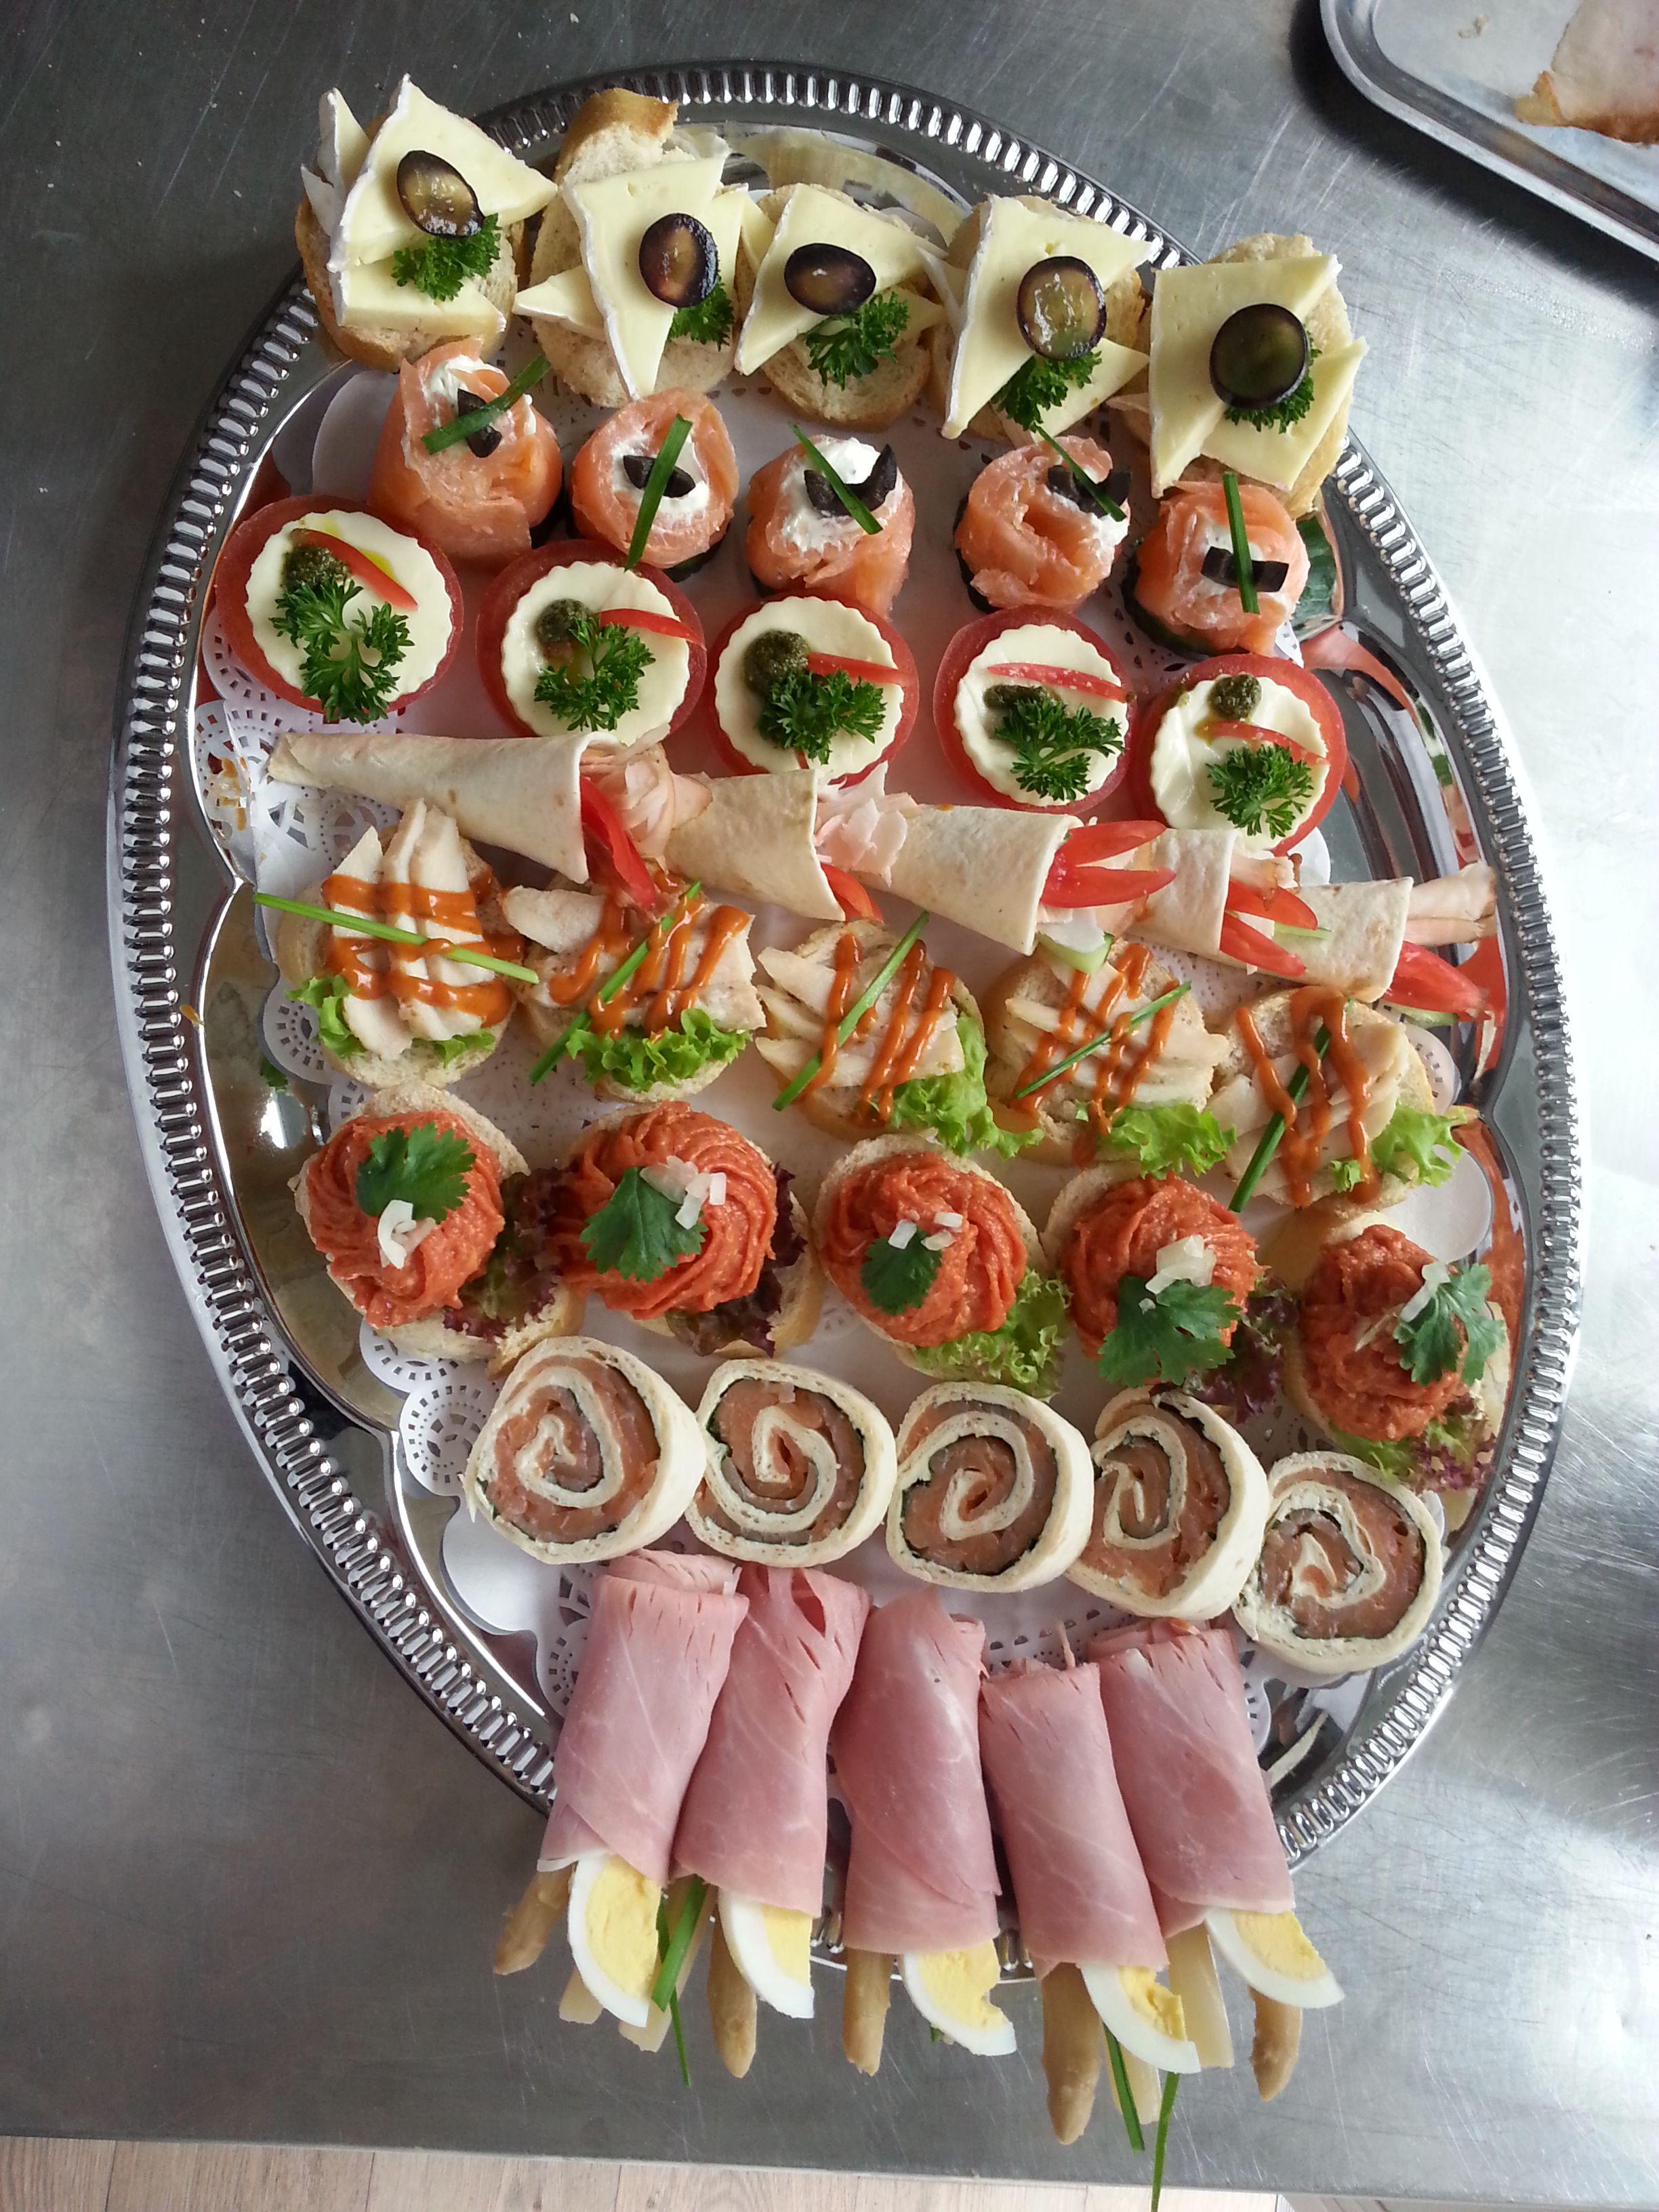 Verbazingwekkend Luxe hapjes (met afbeeldingen)   Hapjes, Eten en drinken, Lekker eten BO-12